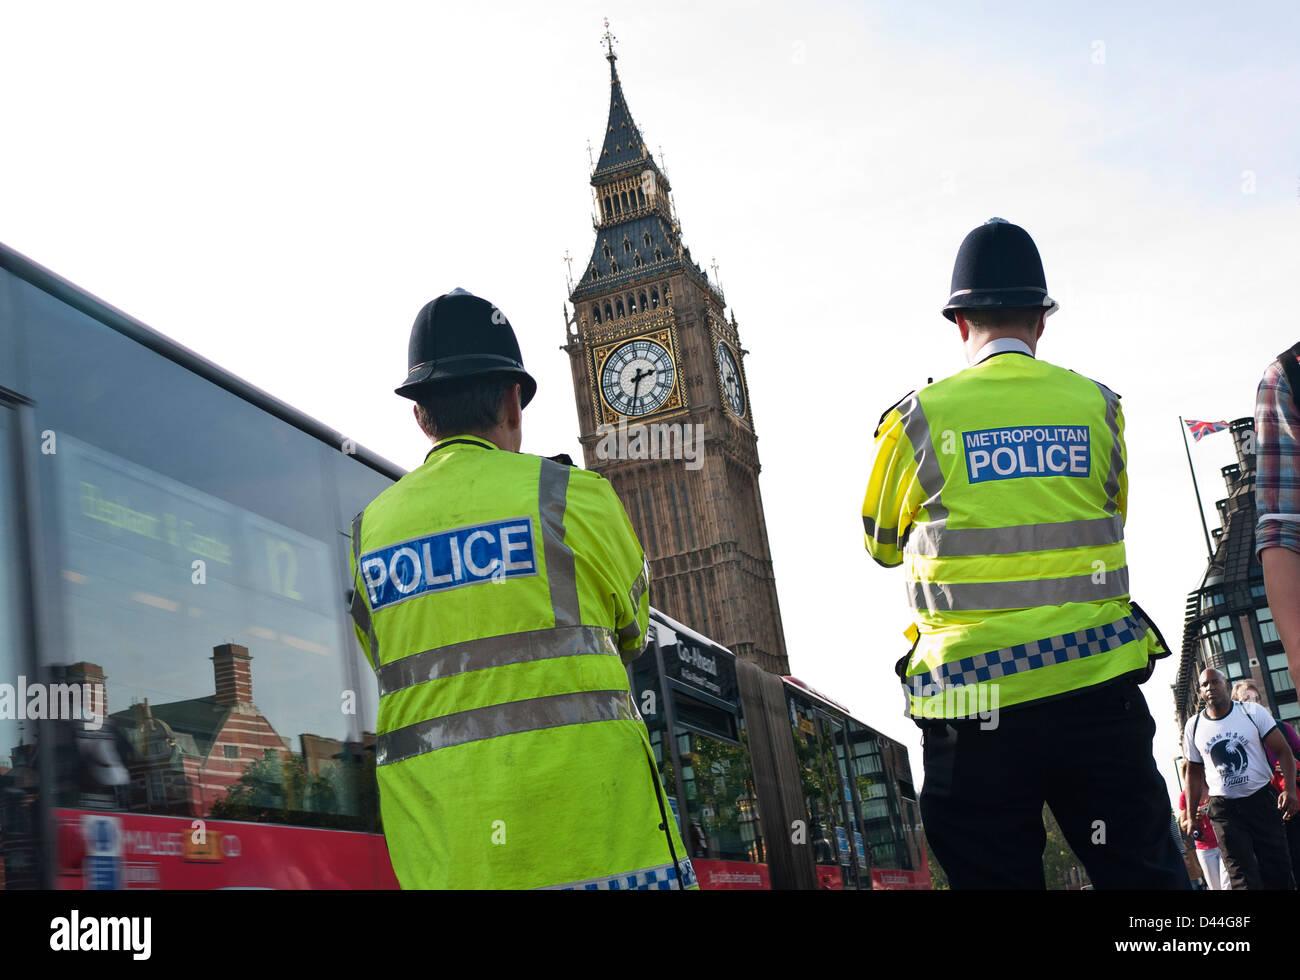 La Metropolitan Police di ufficiali a dovere a Westminster Bridge Case del Parlamento London REGNO UNITO Immagini Stock